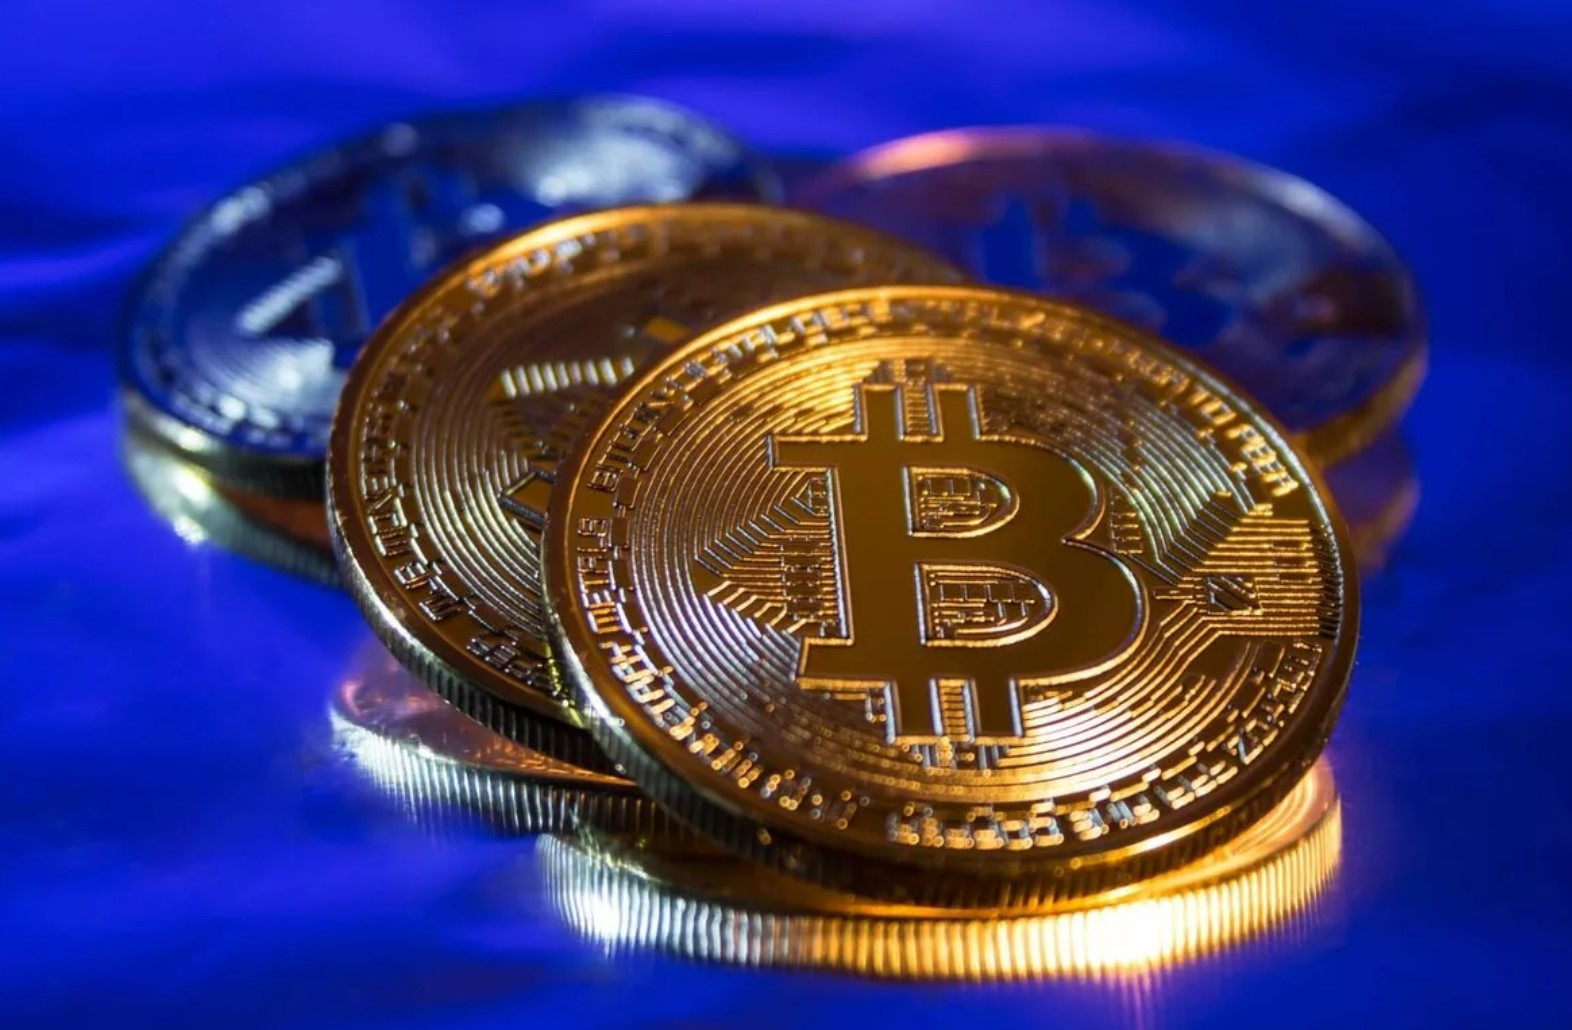 Топ 10 криптовалют по капитализации на сегодня, в 2022 году